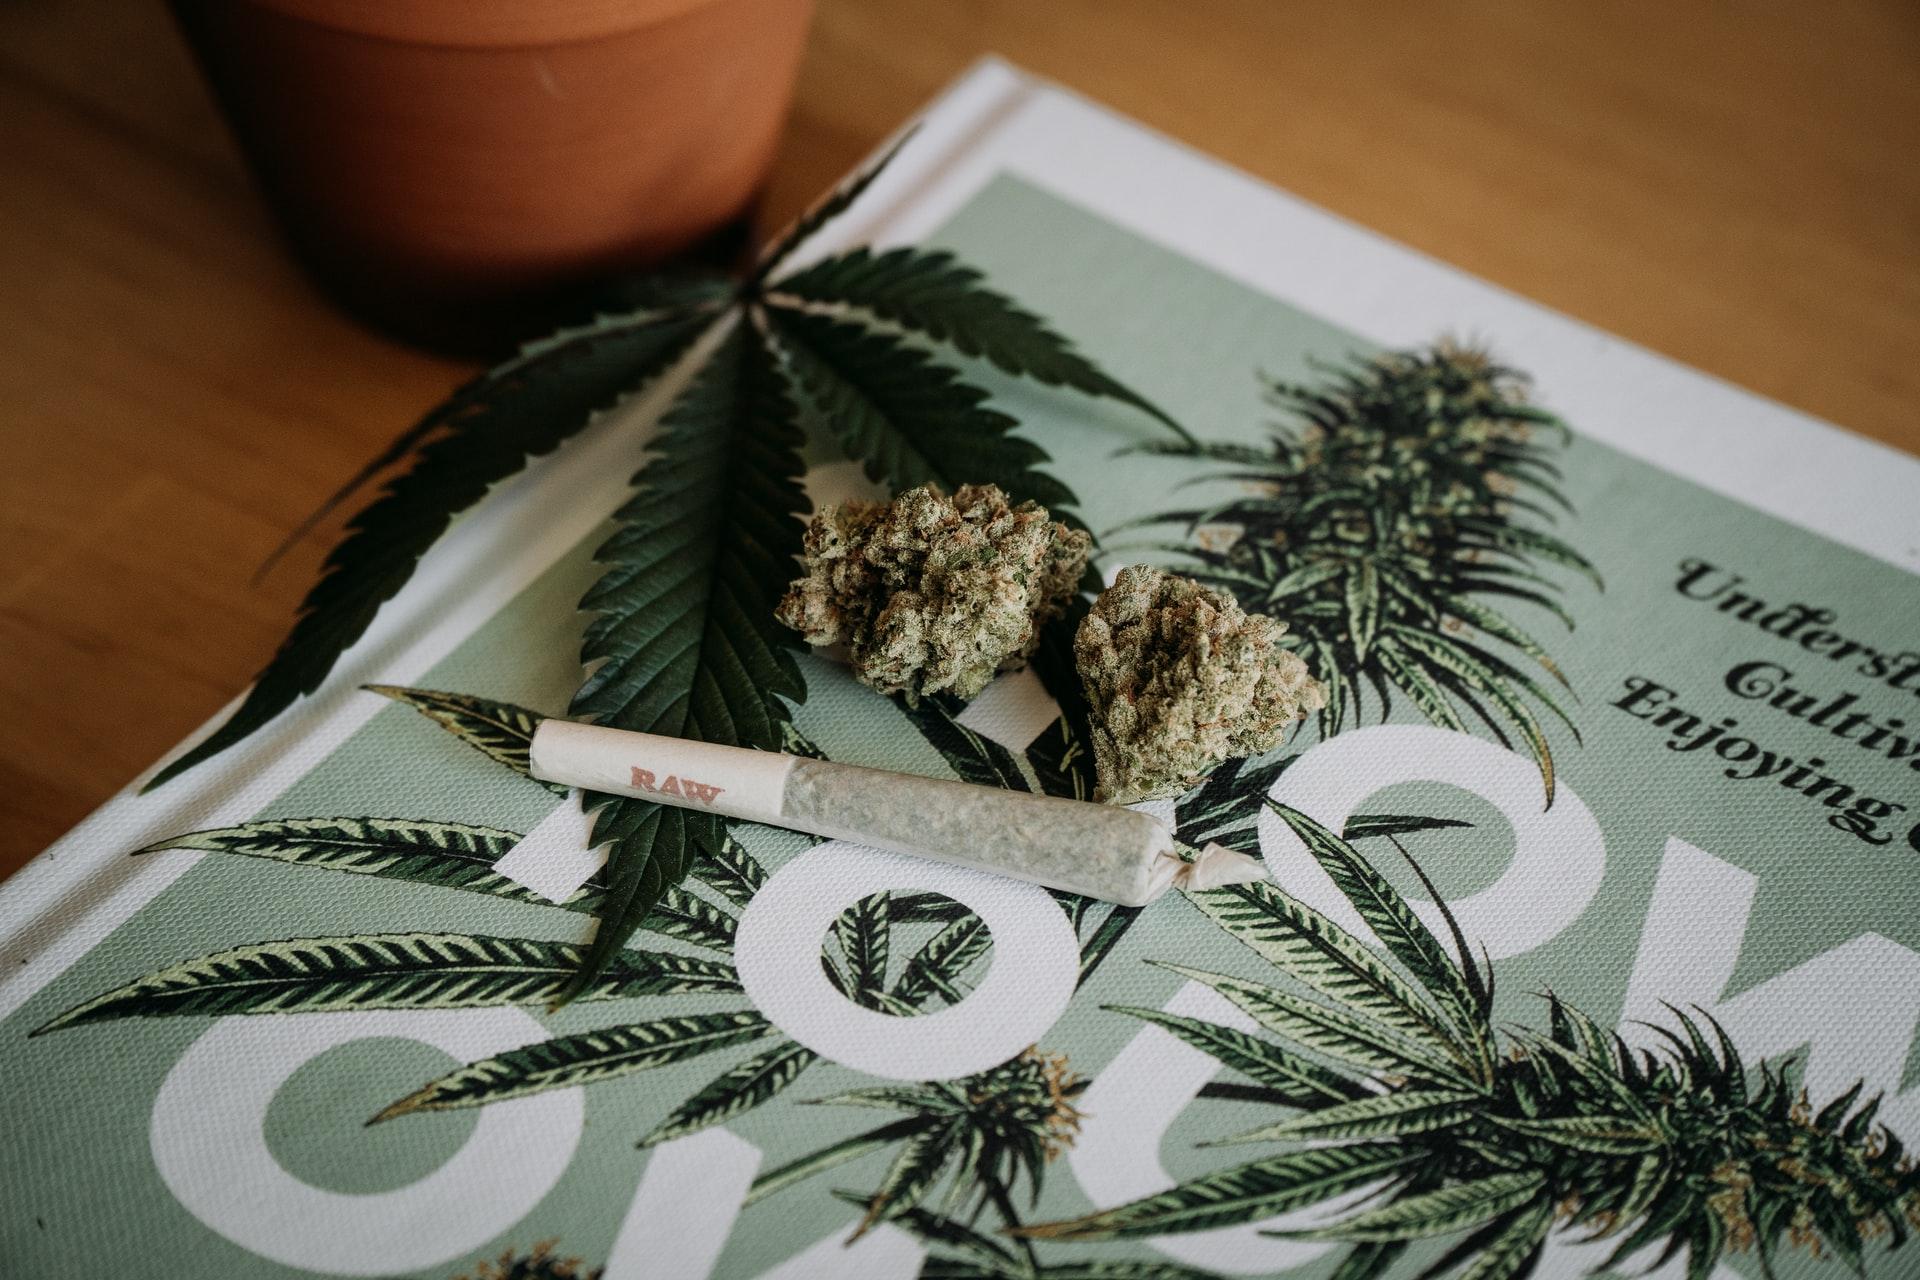 Nación Cannabis | La legalización del cannabis no incrementa el consumo entre adolescentes